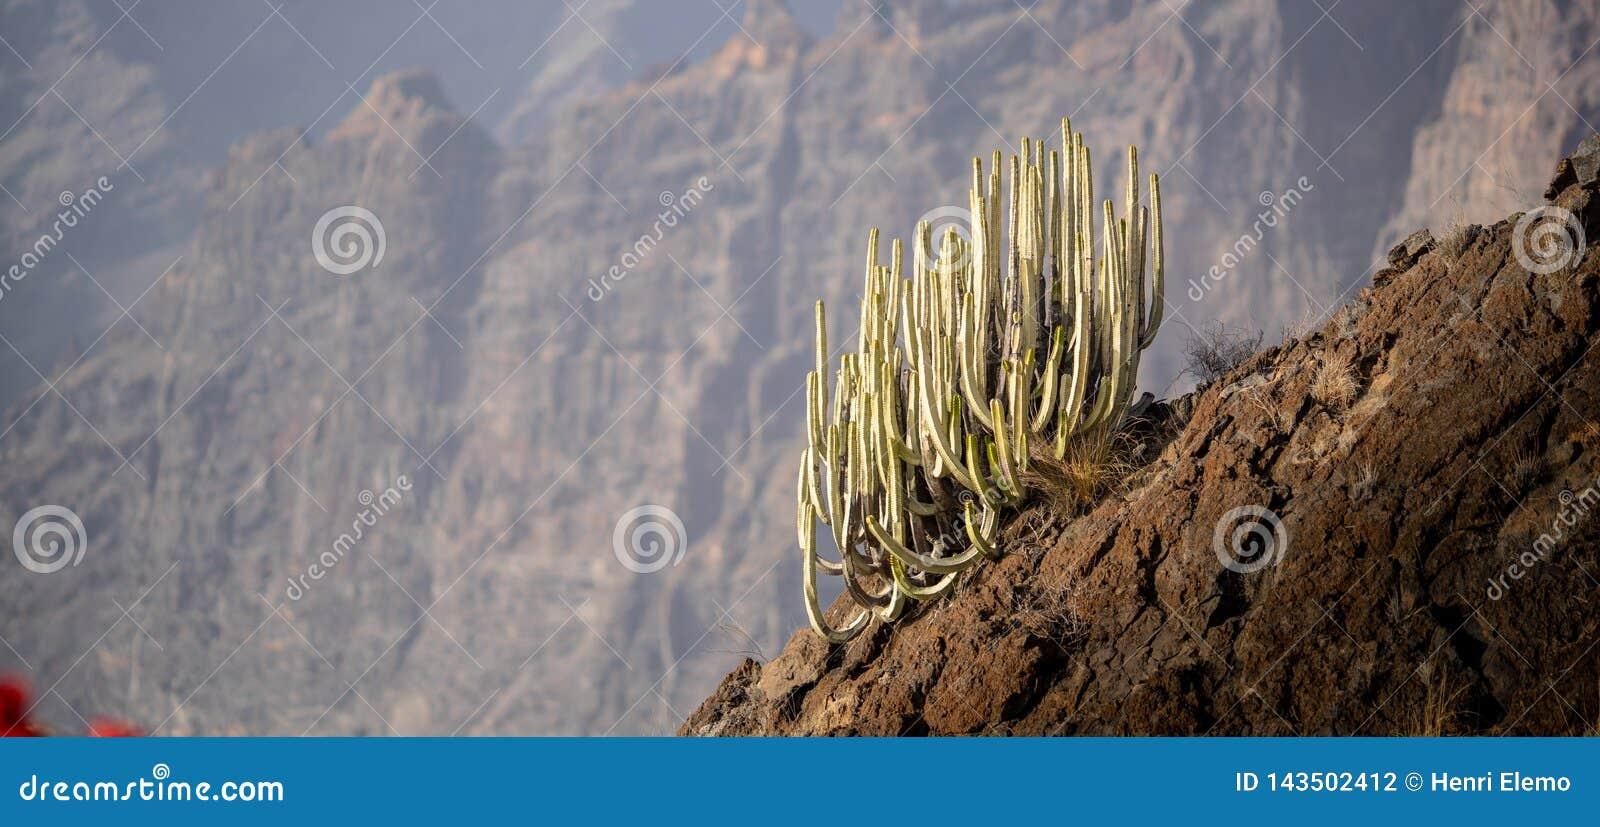 Kaktus auf einem Hügel mit bokeh auf dem Hintergrund, zum des Kaktus zu lokalisieren und der großen Höhe und der Skala zur Schau